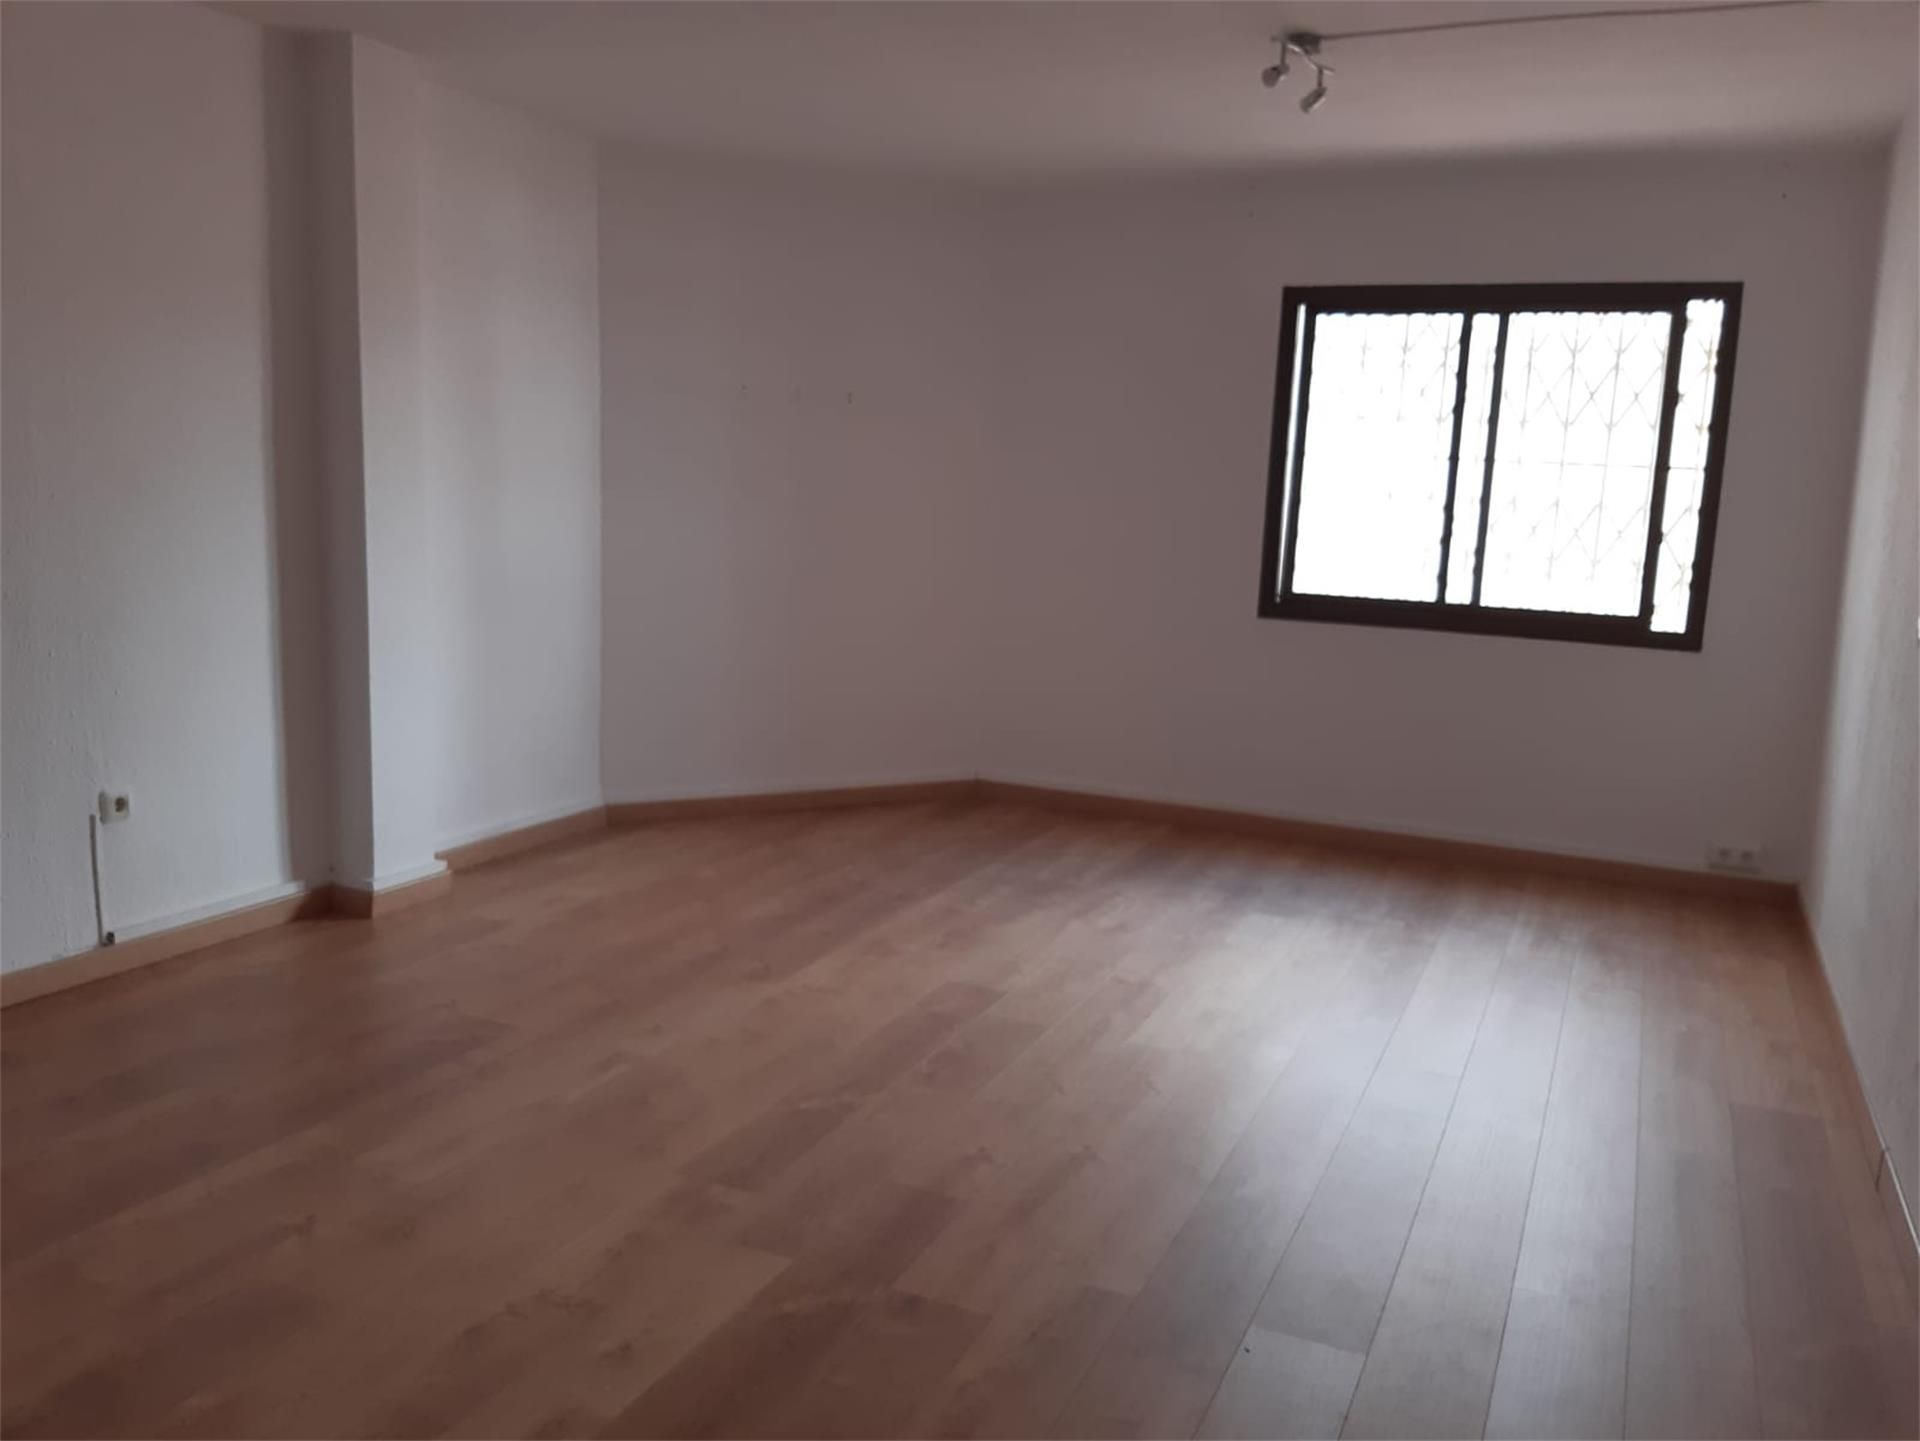 Oficina de alquiler en Calle Arenal, 9, La Malagueta - La Caleta (Málaga, Málaga)